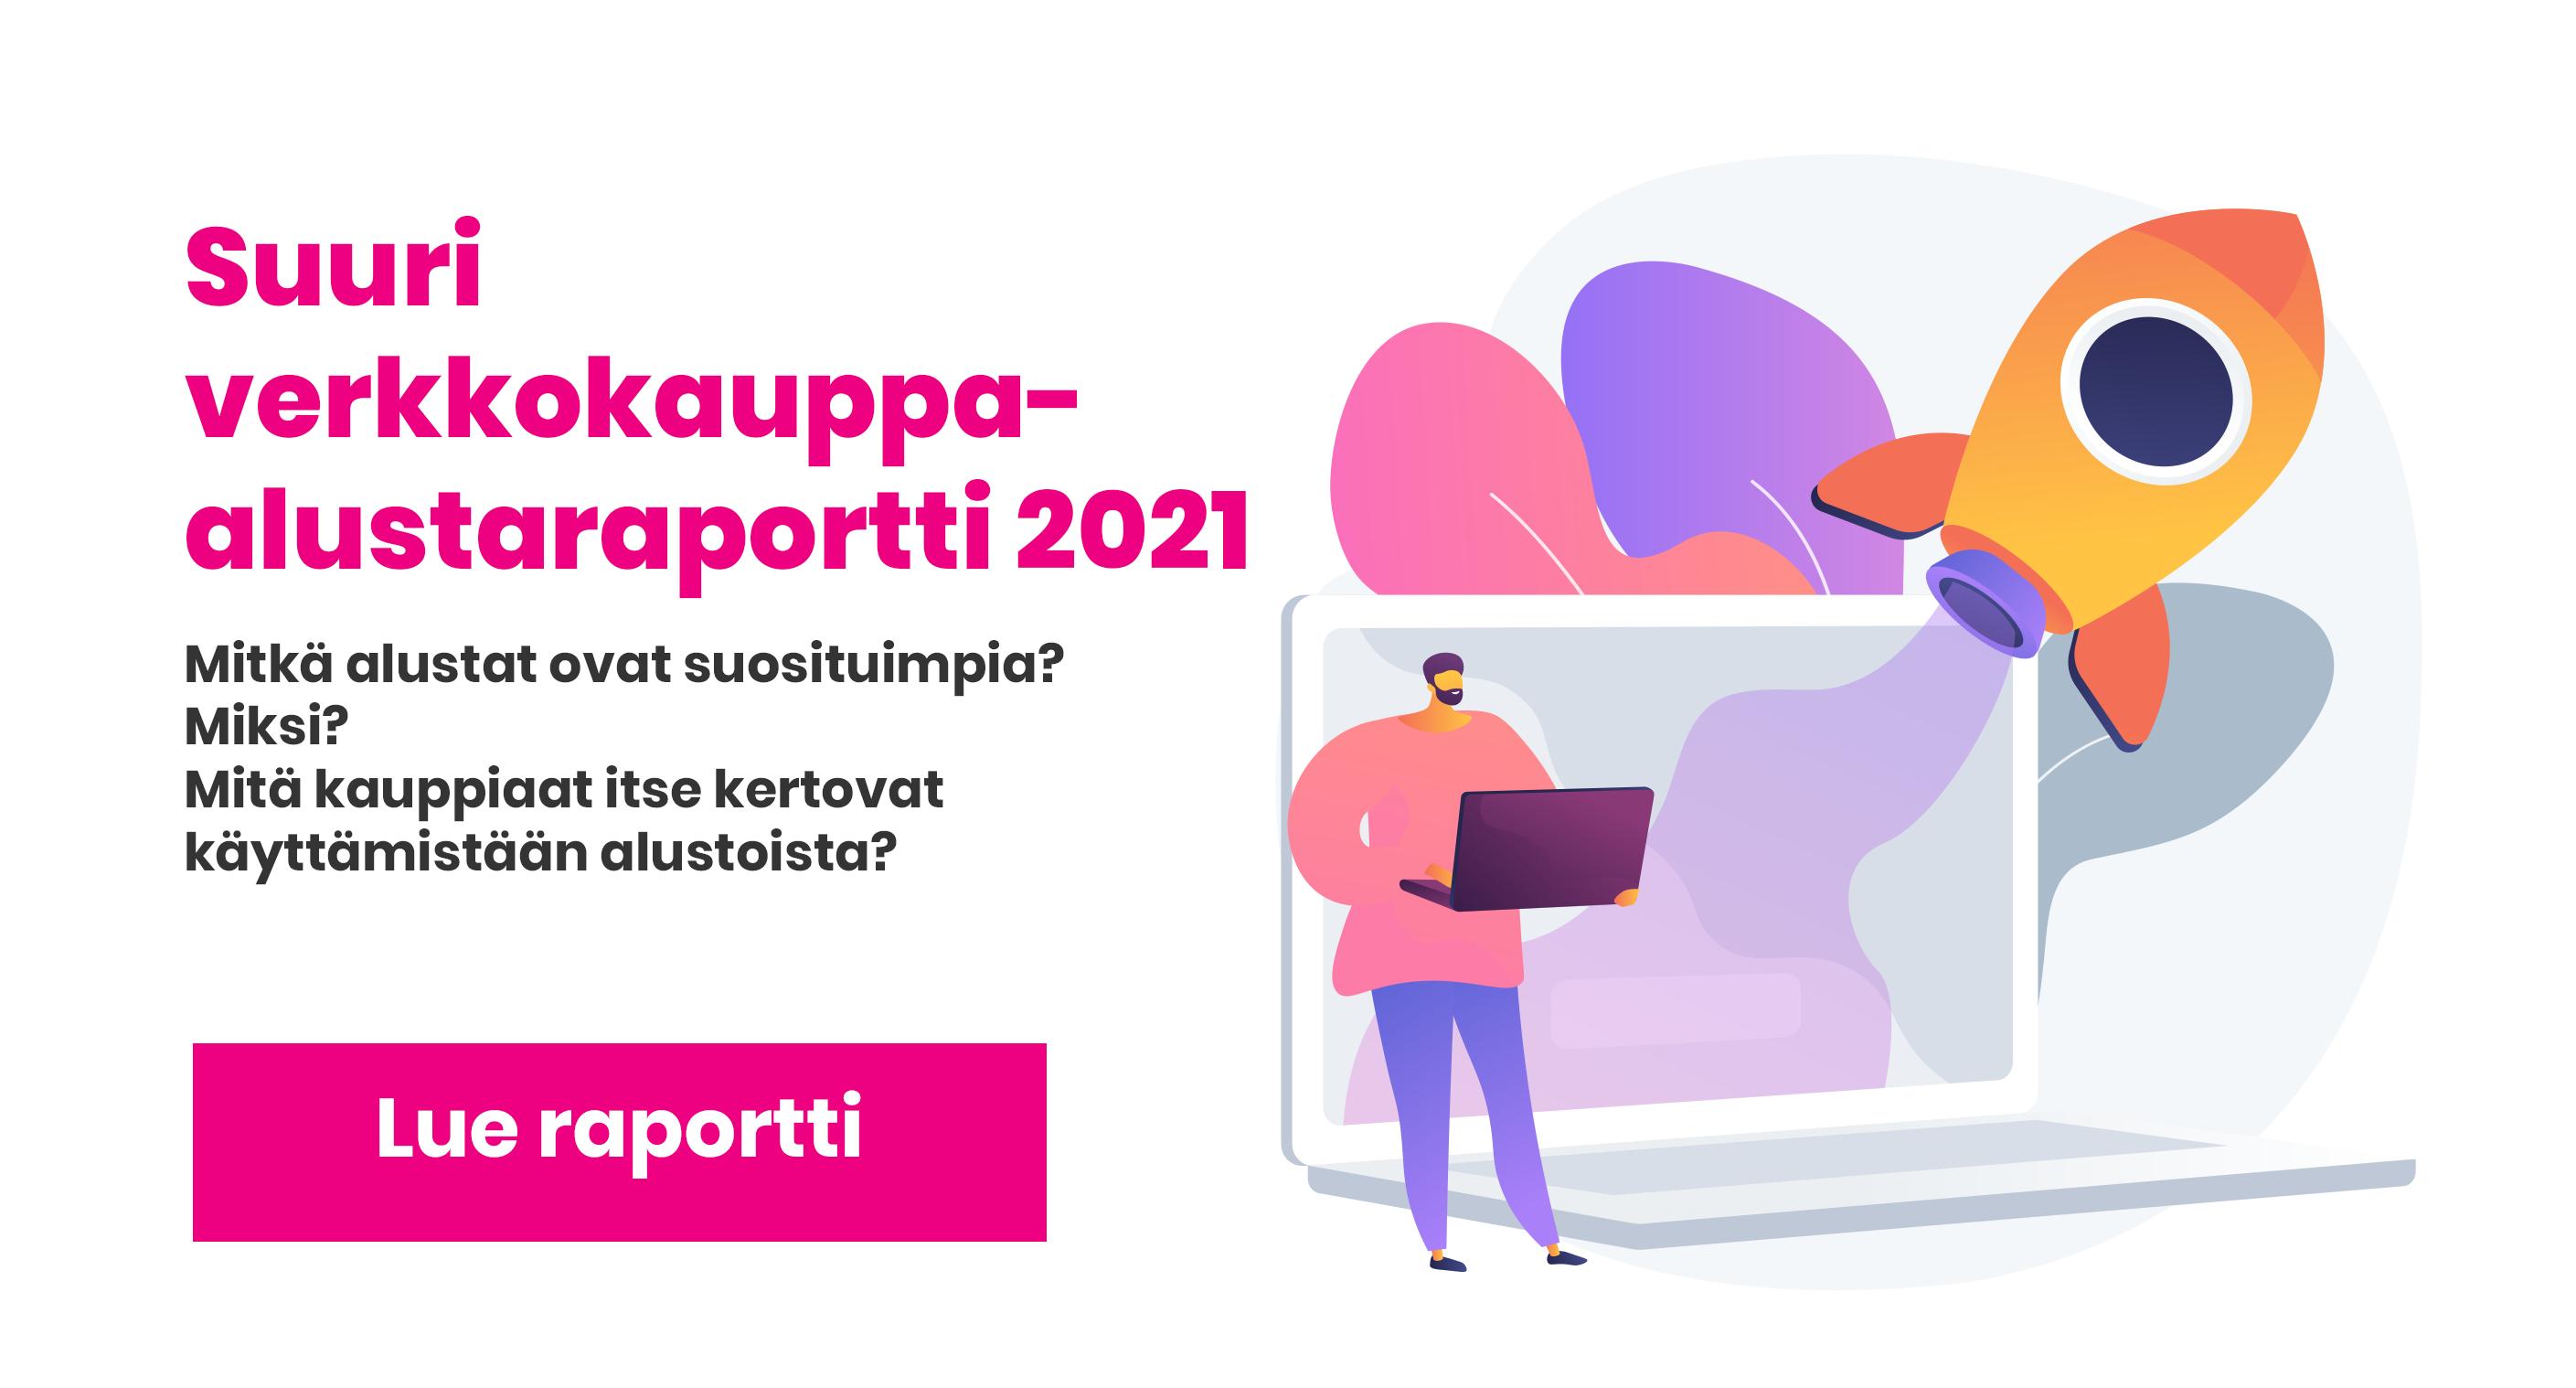 Nämä ovat Suomen suosituimmat verkkokauppa-alustat 2021